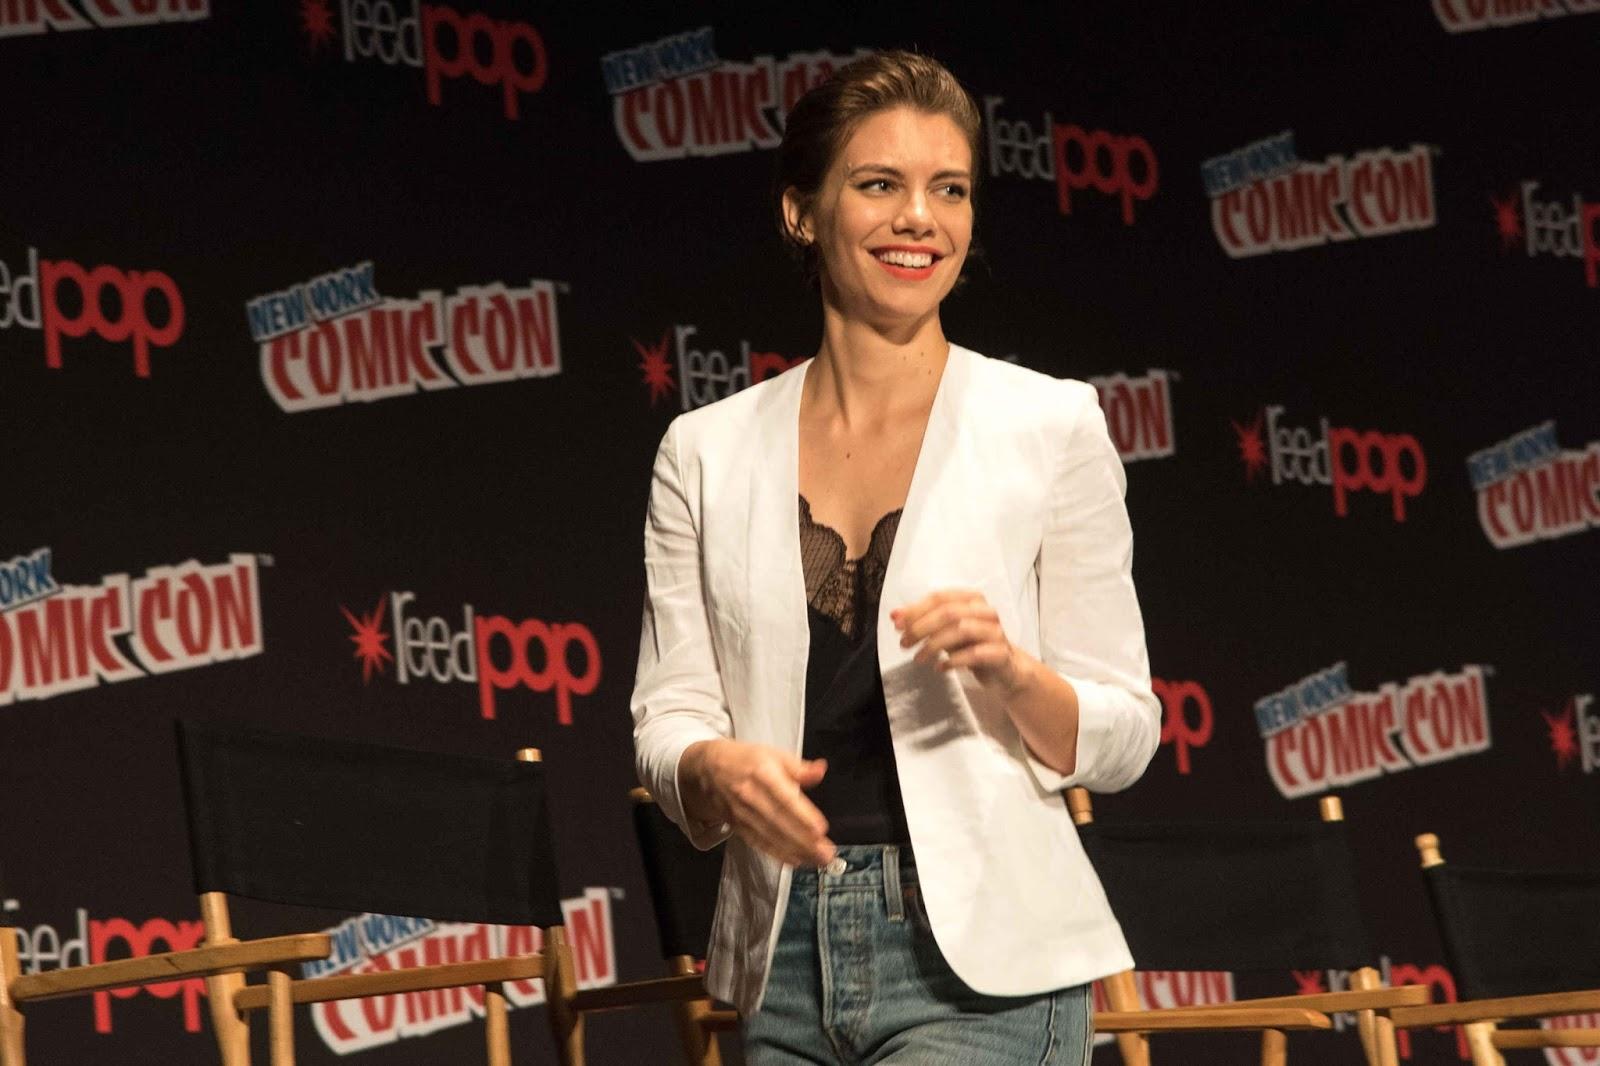 Lauren Cohan at New York Comic Con